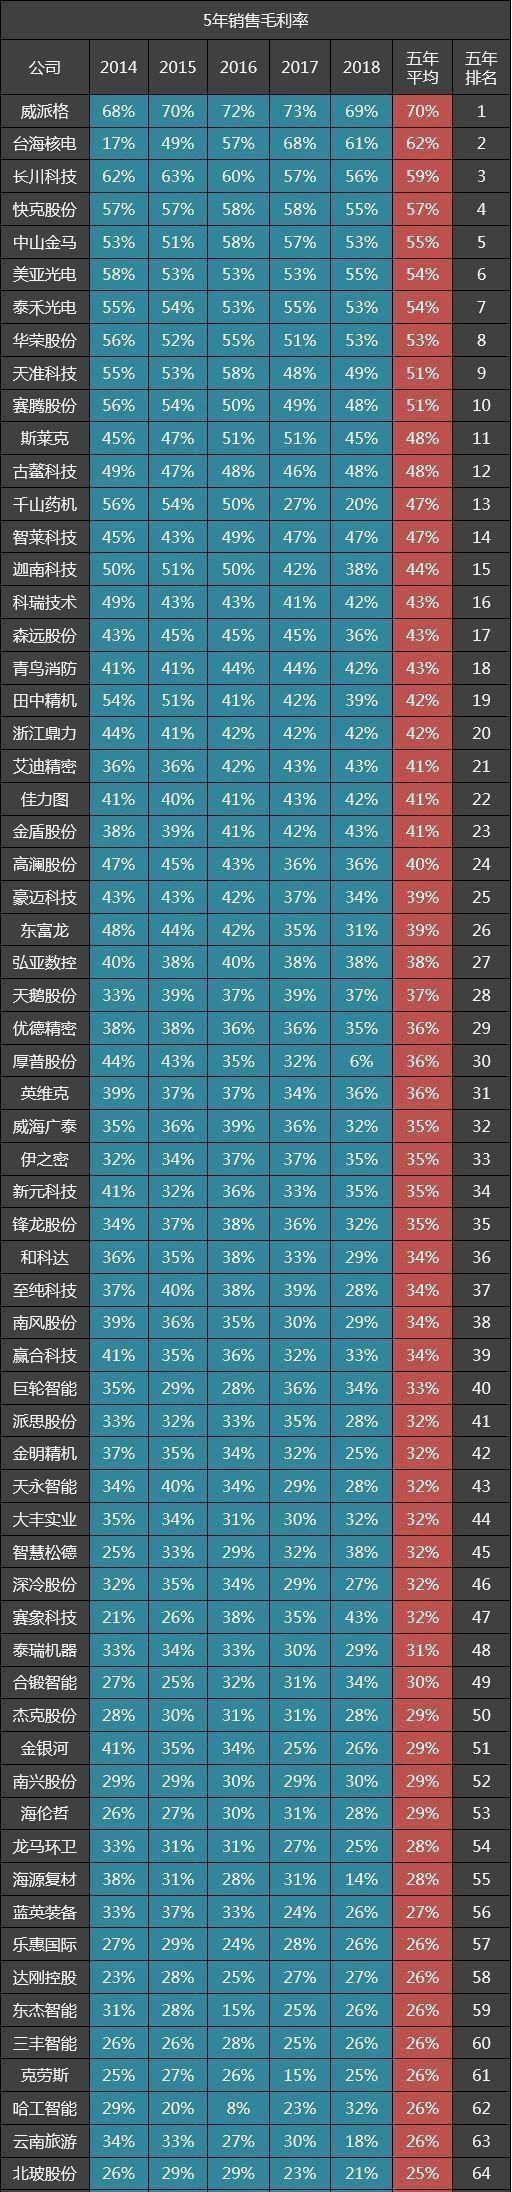 79家特种机械企业五年毛利率排名:智莱技术14,龙马环卫54